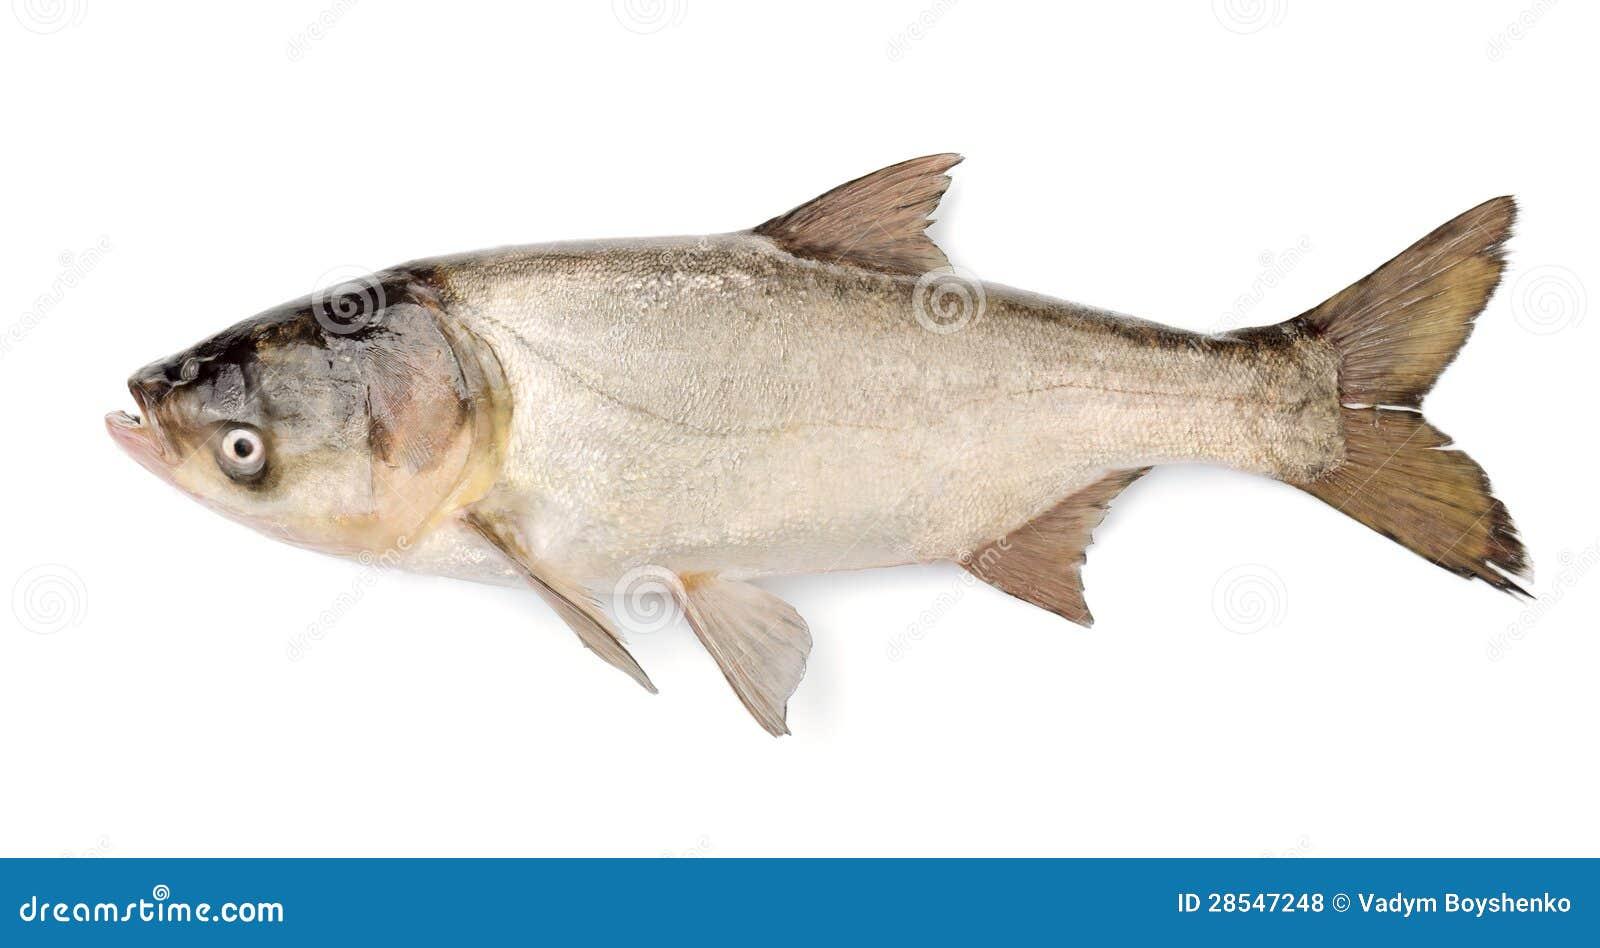 Carpe argent e de poissons hypophthalmichthys molitrix for Poisson carpe